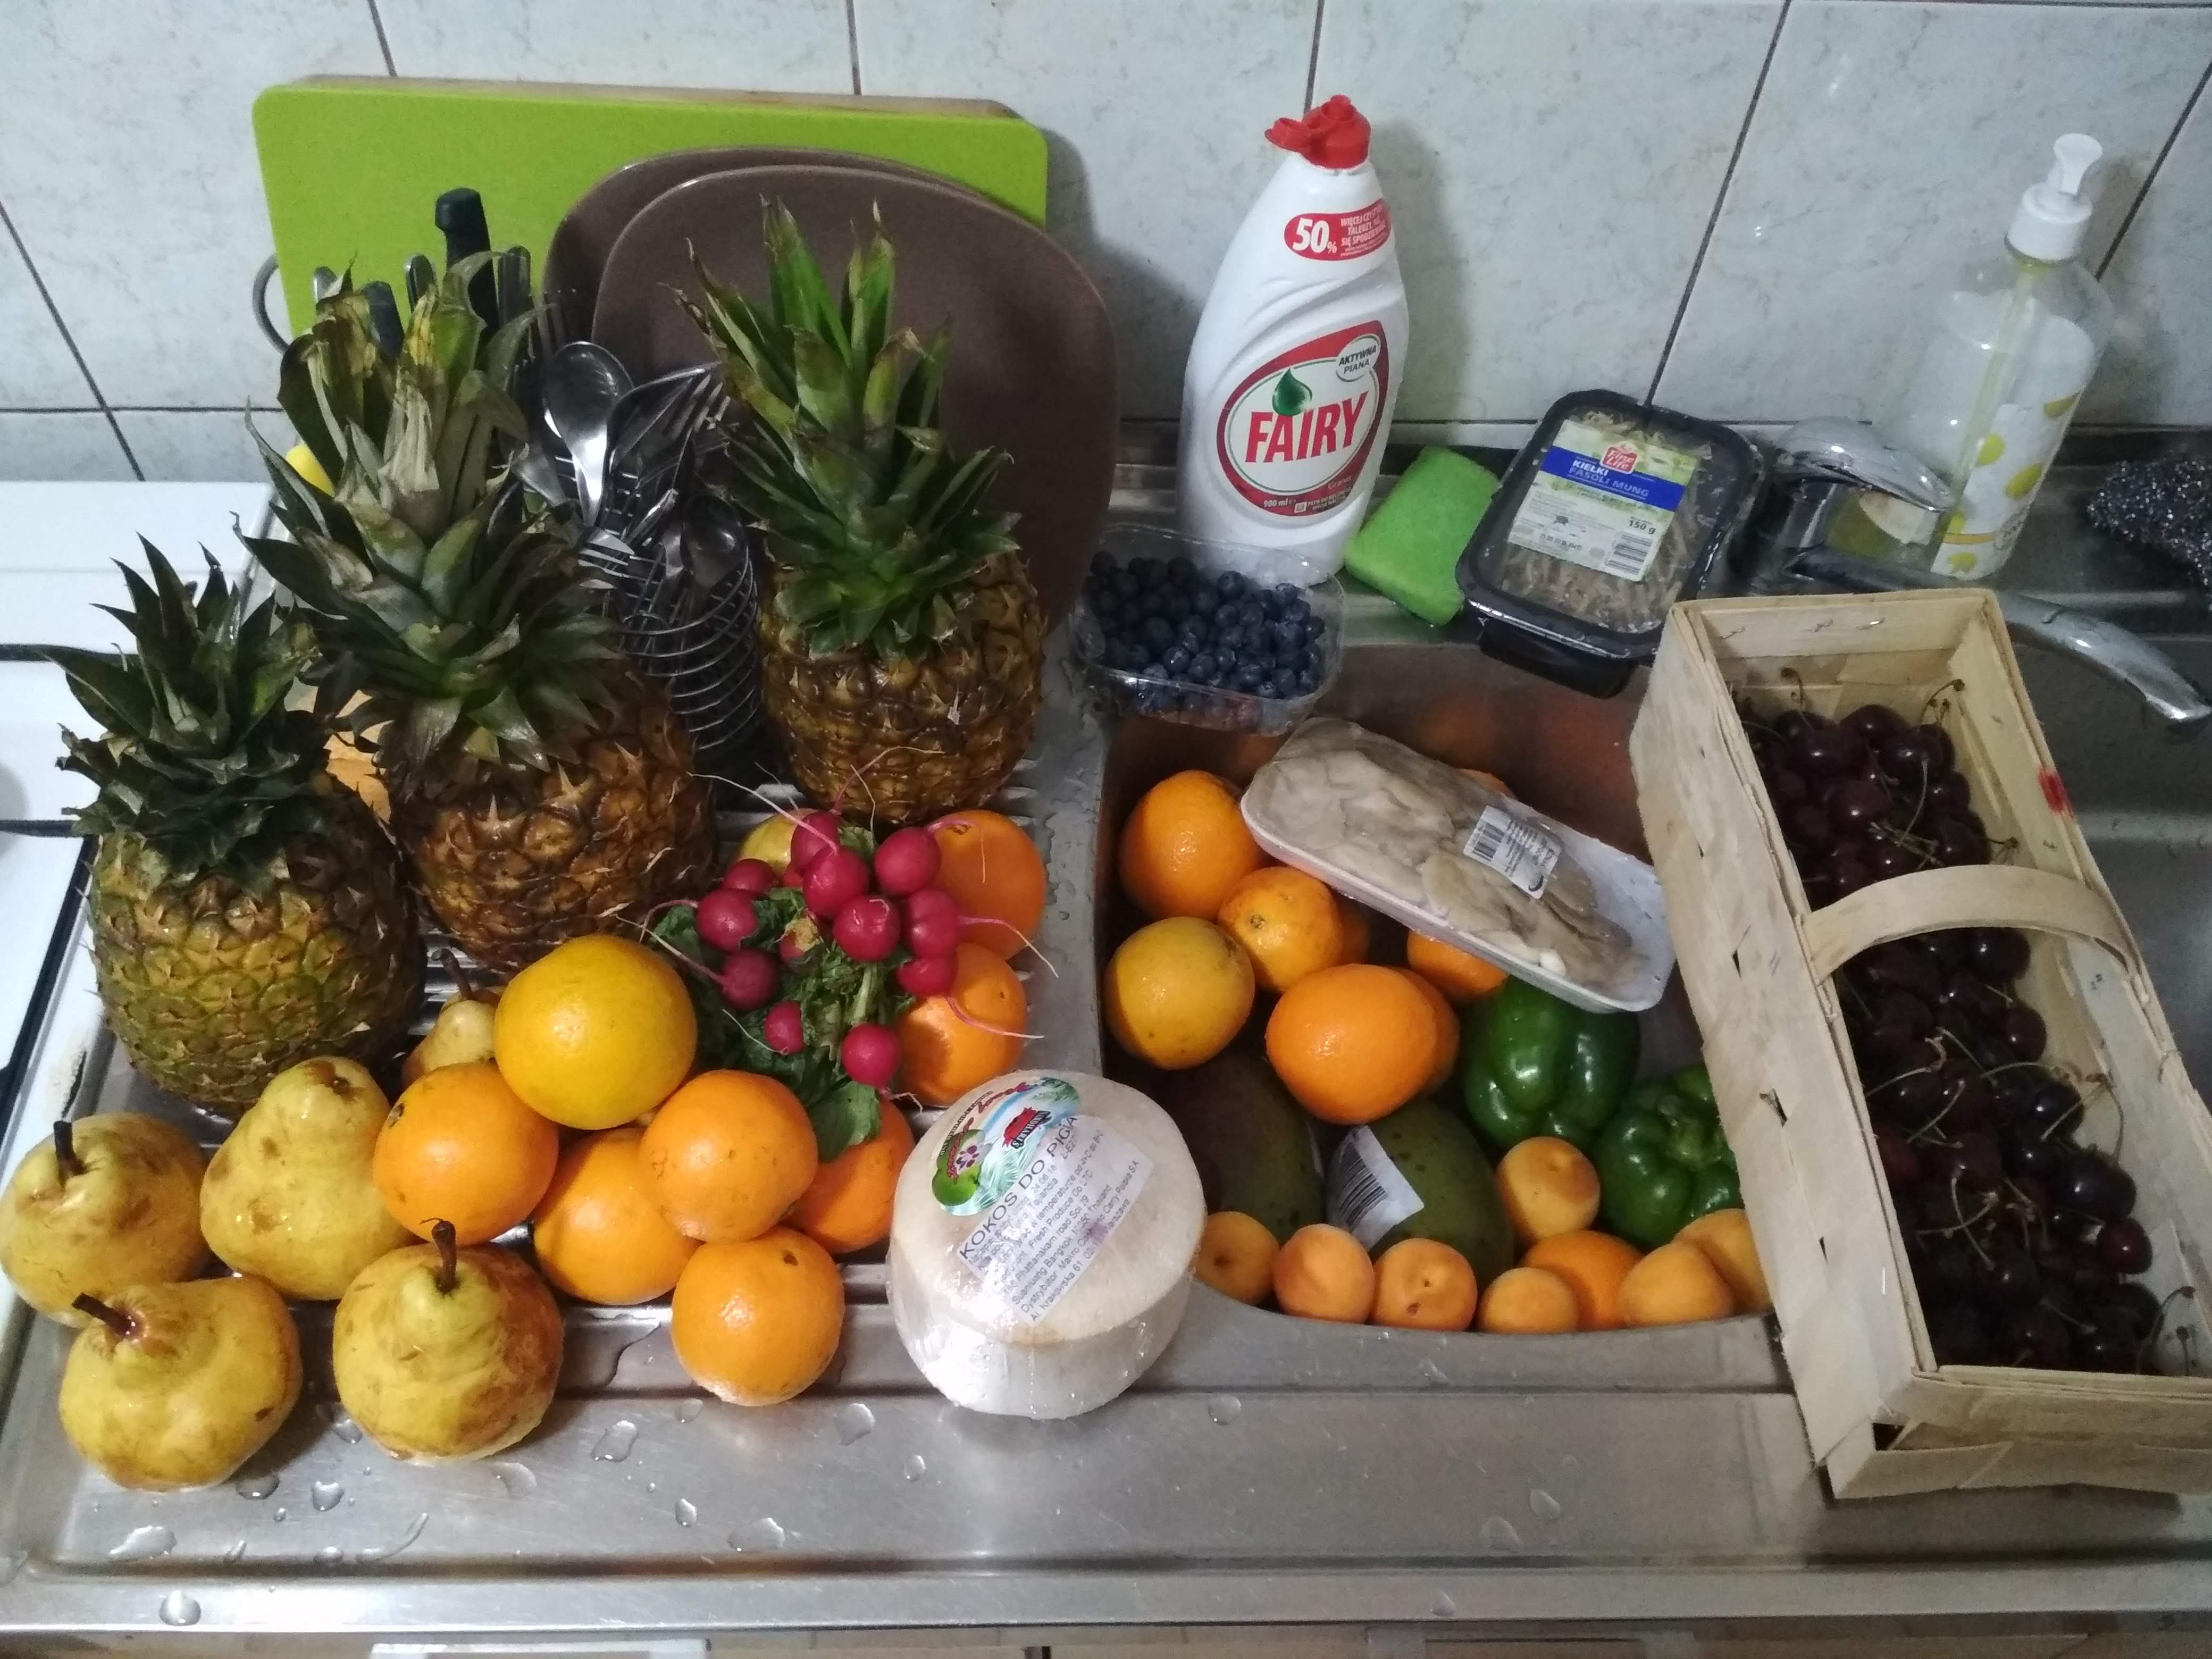 Tyle owoców można uratować